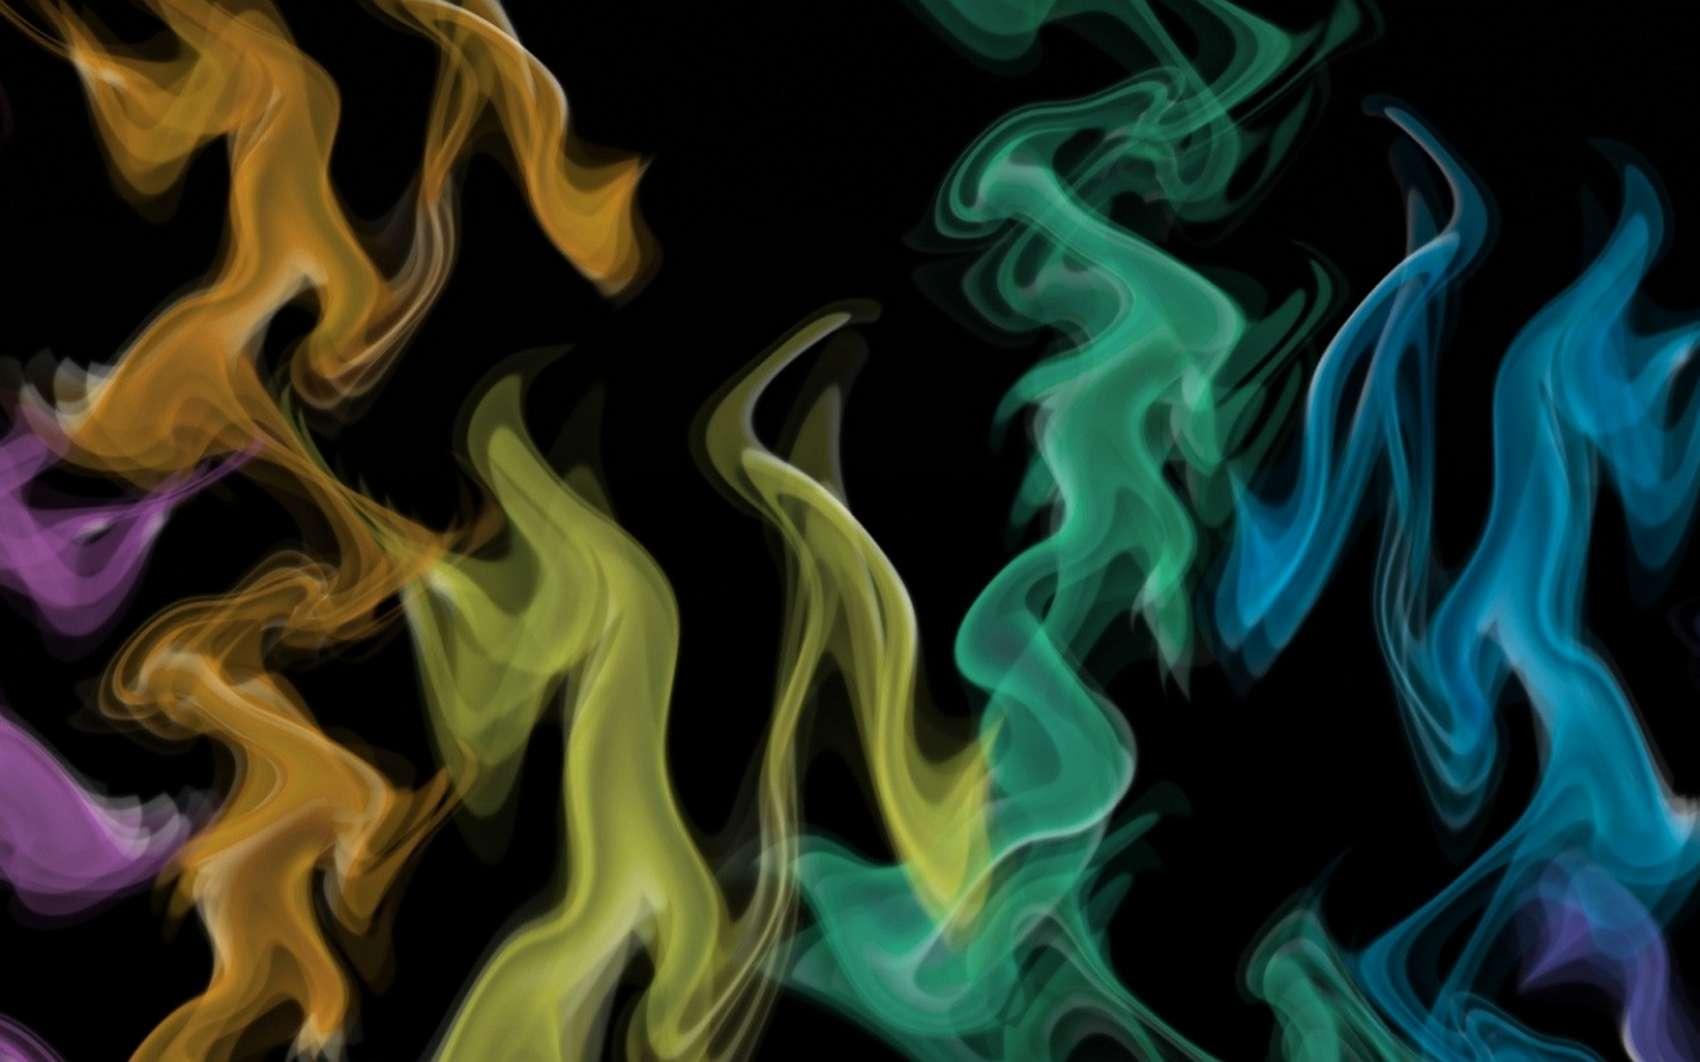 Le phénomène de feu follet peut s'observer partout dans le monde. © Pixabay